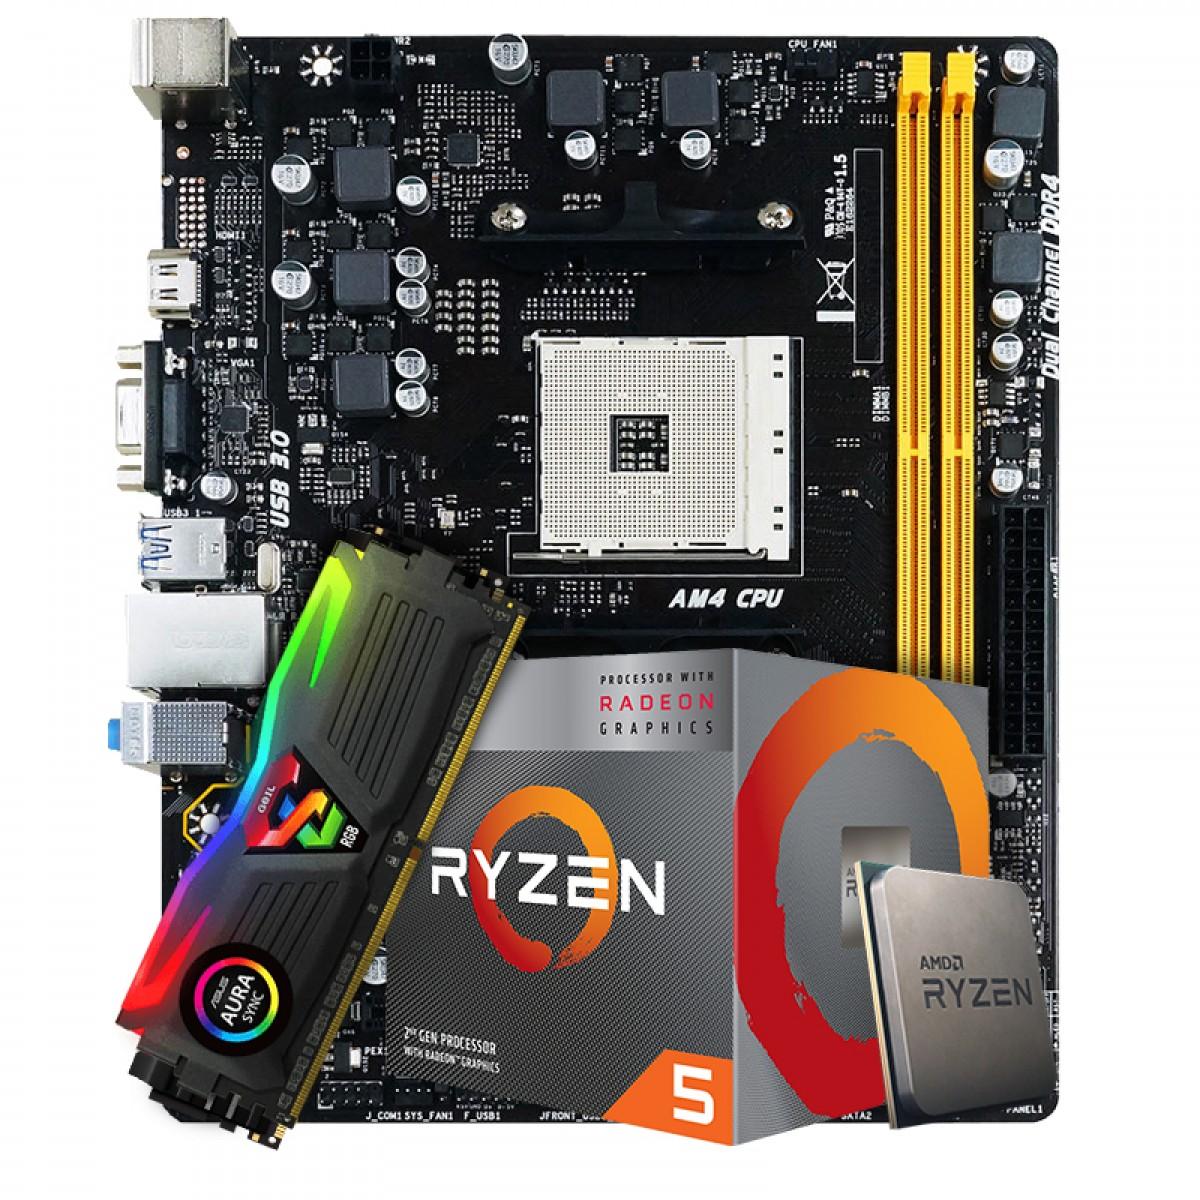 Kit Upgrade Placa Mãe Biostar Racing B350M DDR4 AMD AM4 + Processador AMD Ryzen 5 3400G 3.7GHz + Memória DDR4 8GB 3000MHz